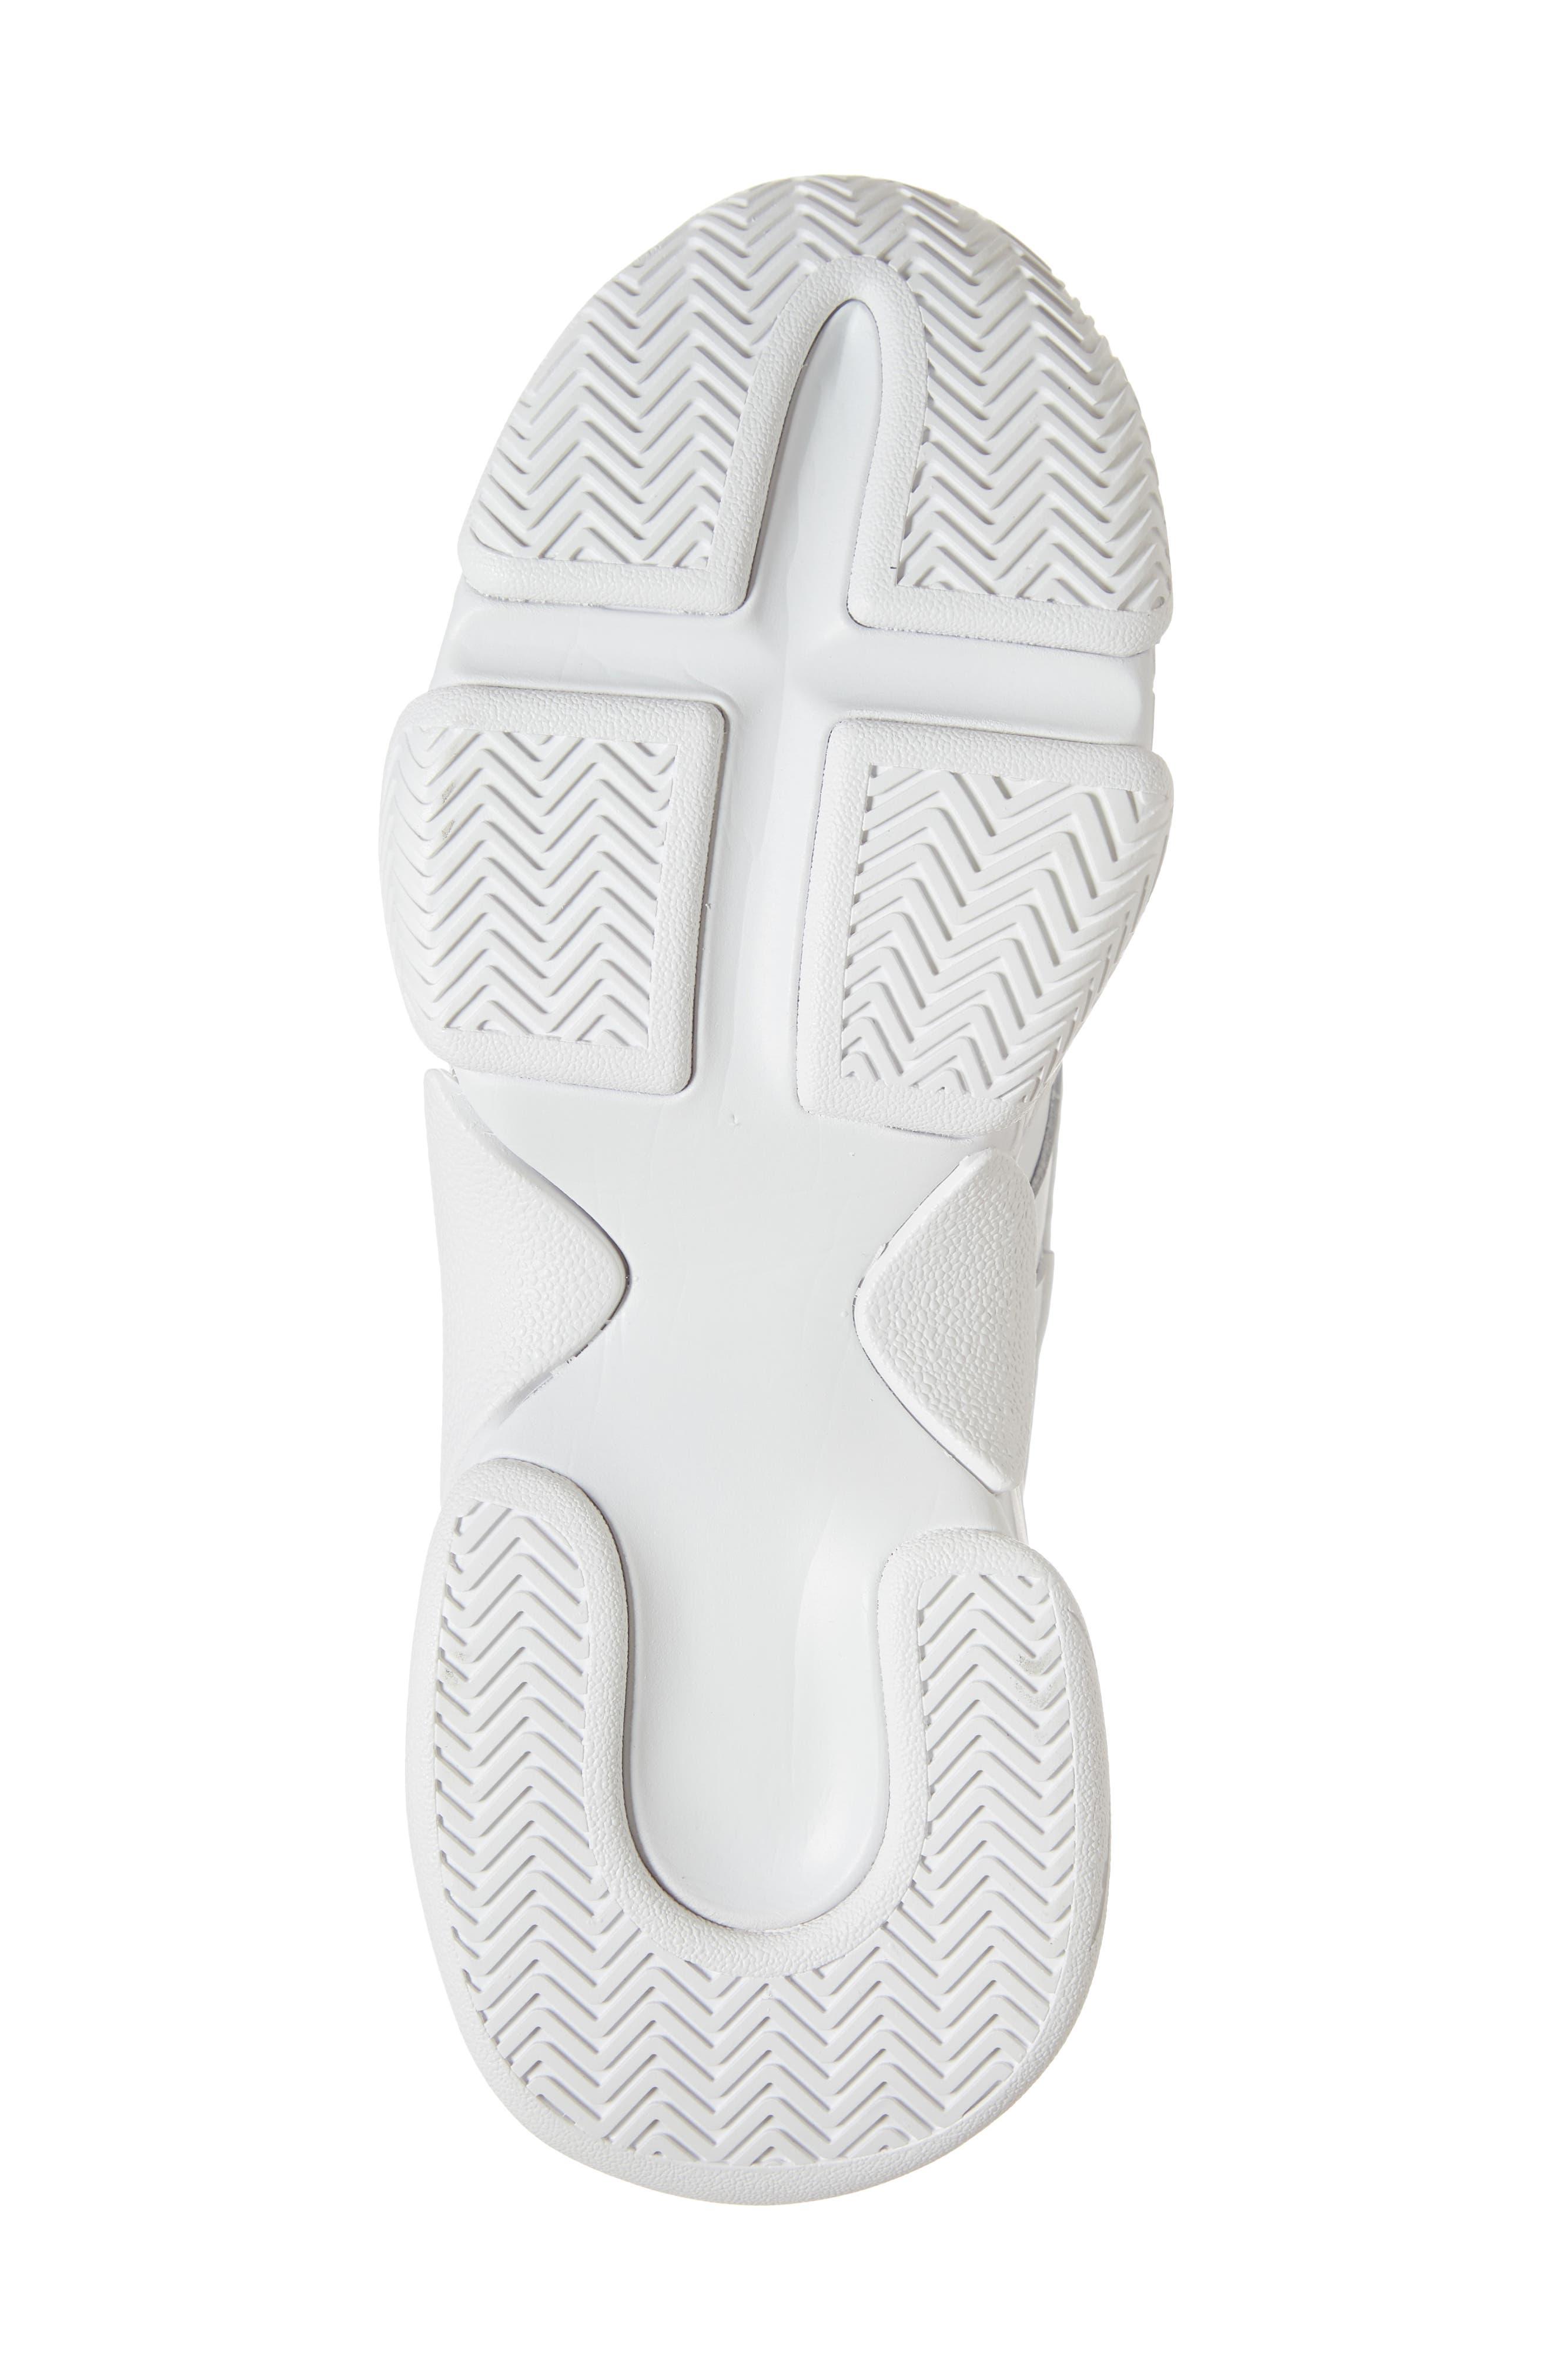 Malware Wedge Sneaker,                             Alternate thumbnail 6, color,                             WHITE